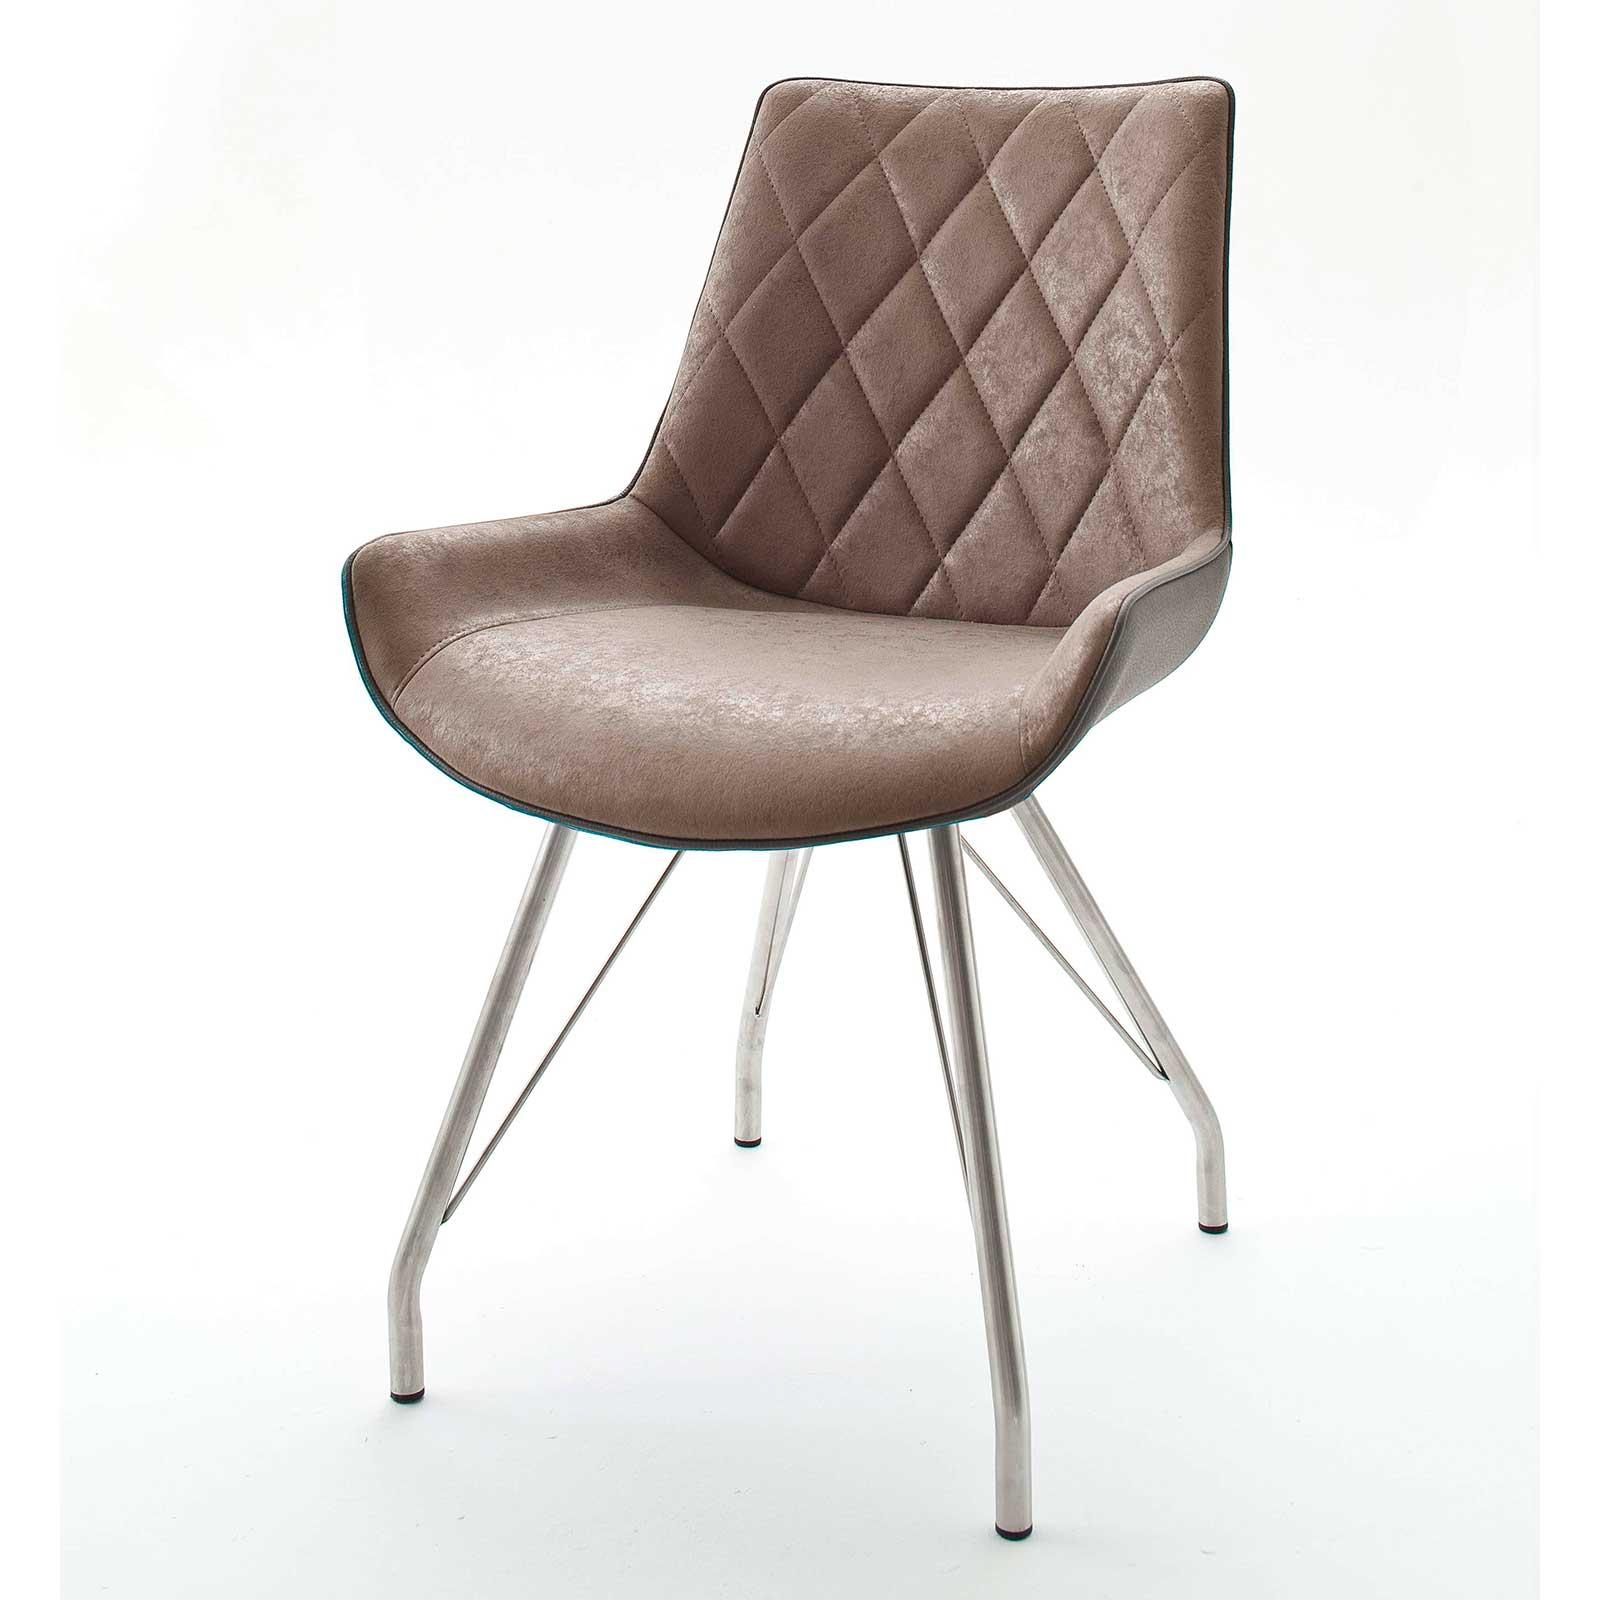 Stuhl Danita C in verschiedenen Farben und Gestellen